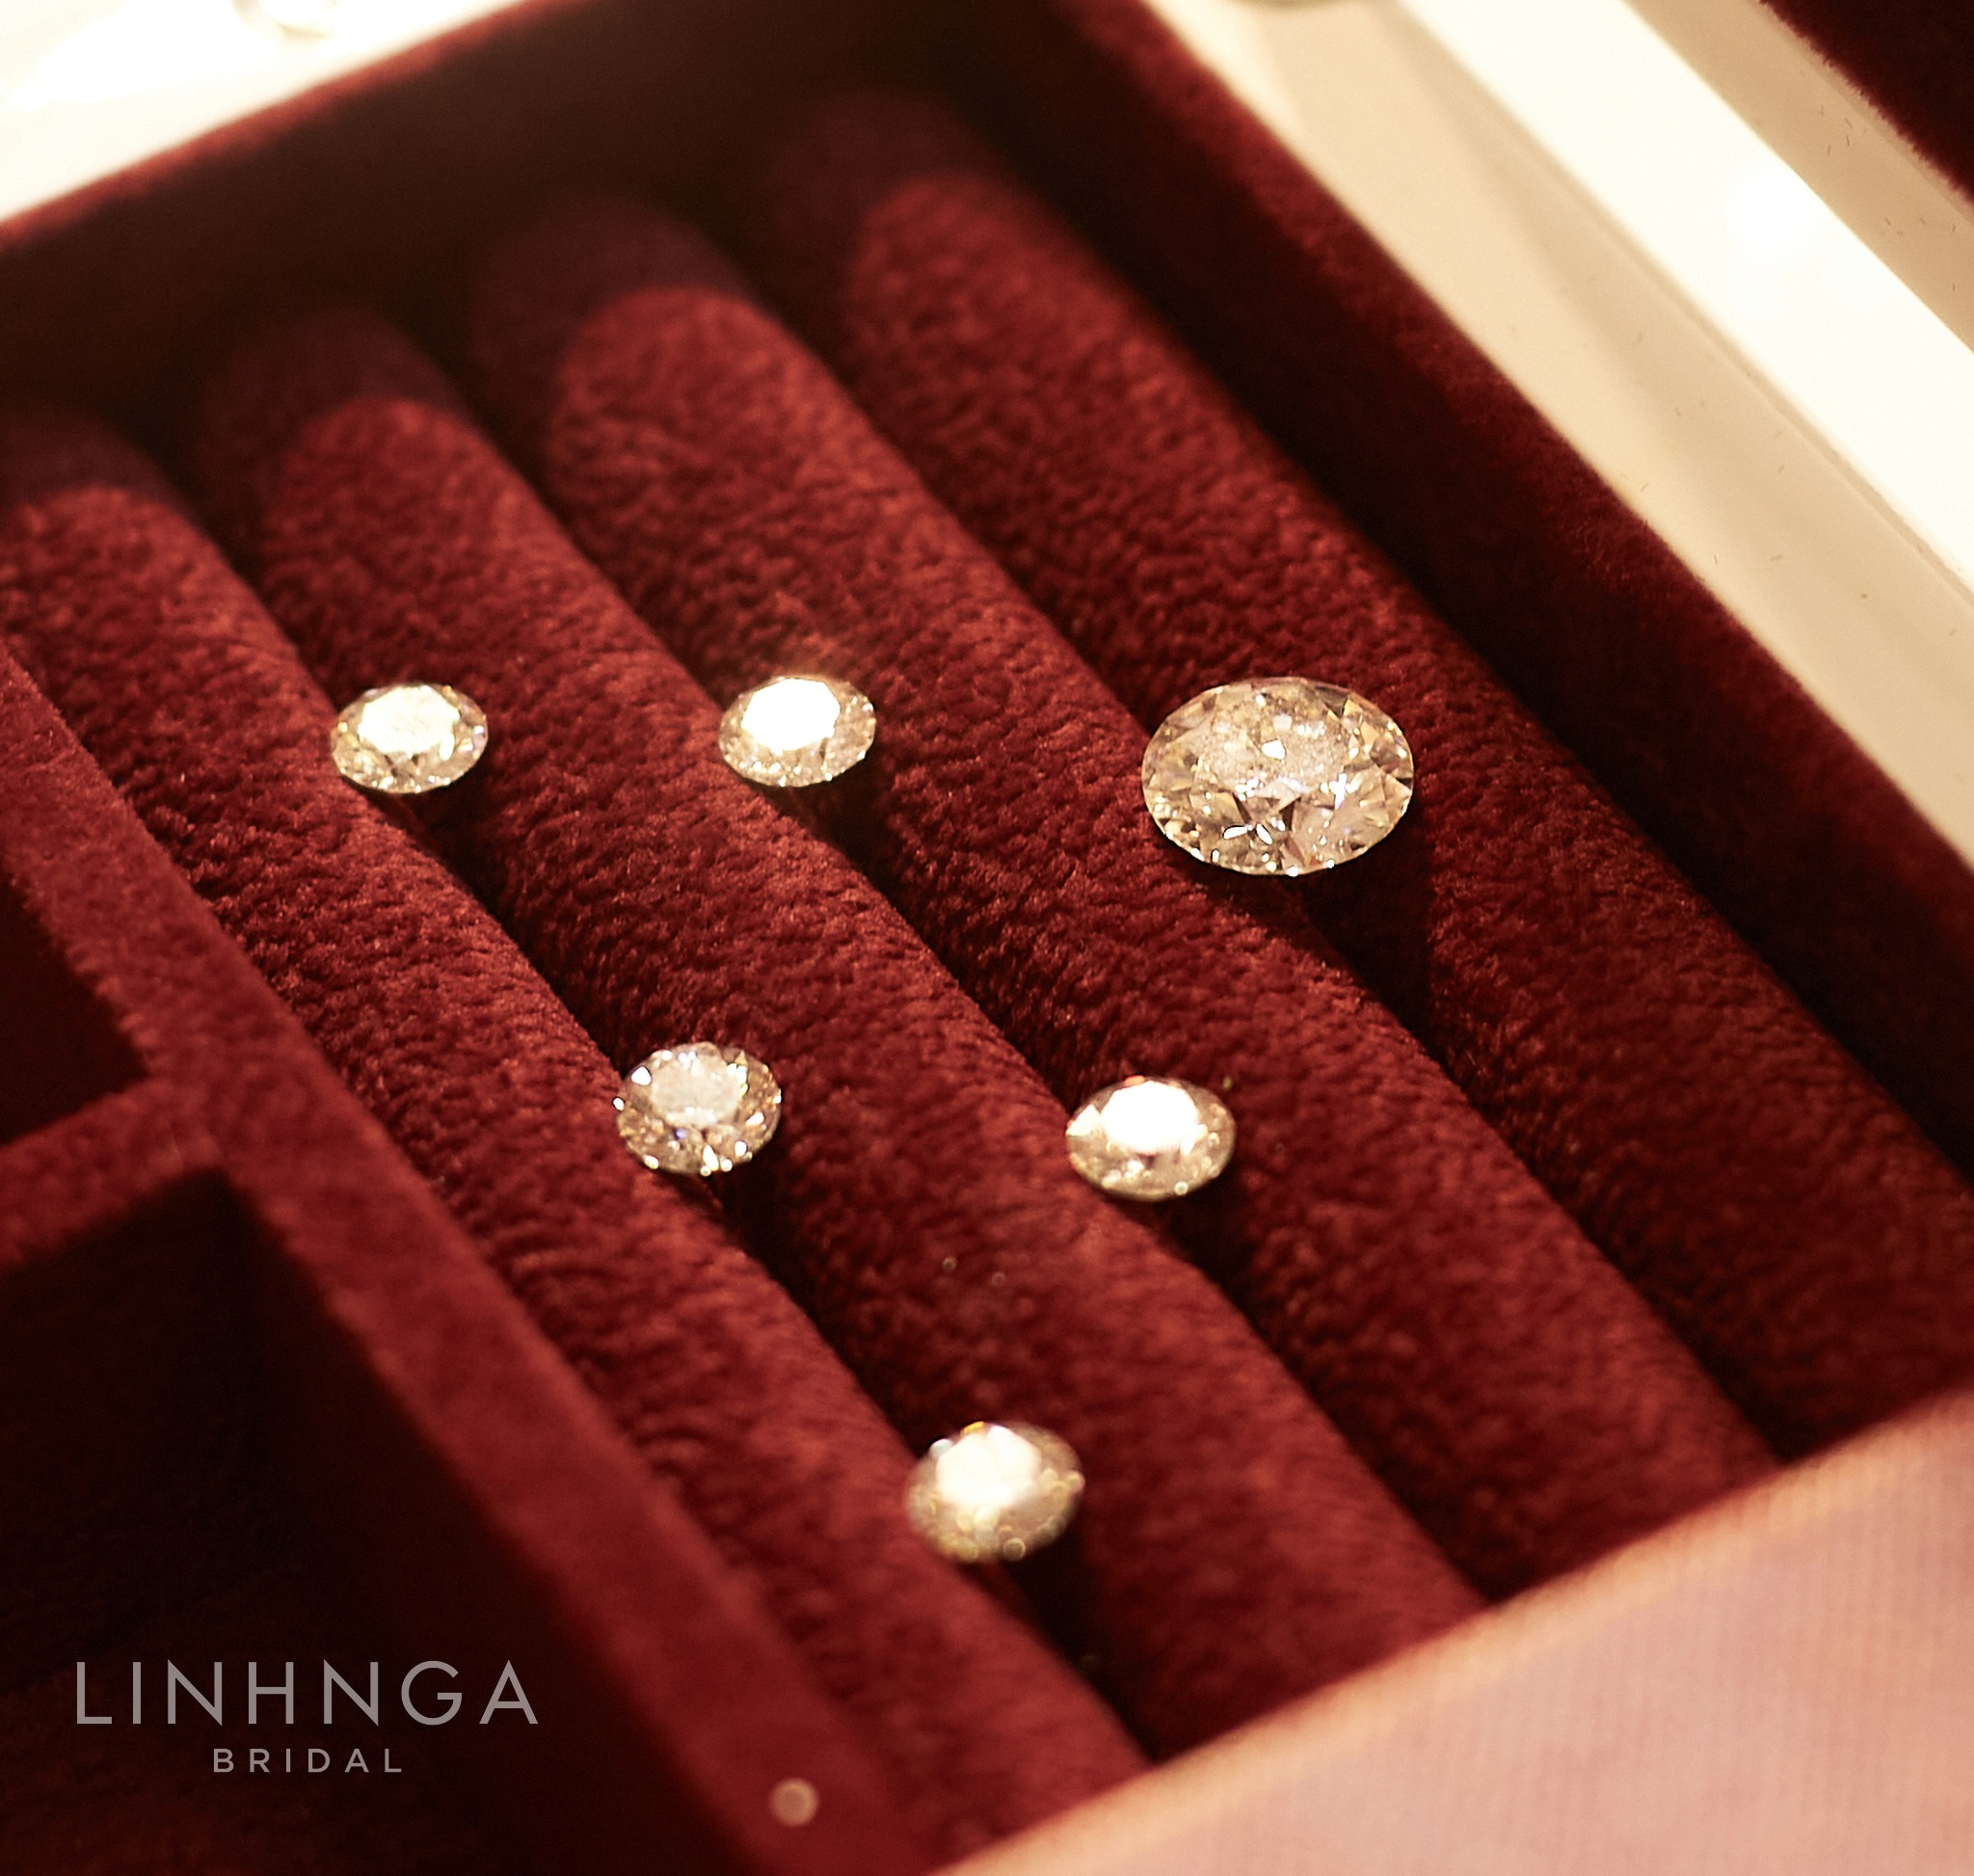 Cận cảnh loạt váy cưới, trong đó có chiếc 28 tỷ đính 6 viên kim cương của Xoài Non - vợ streamer giàu nhất VN - Ảnh 6.